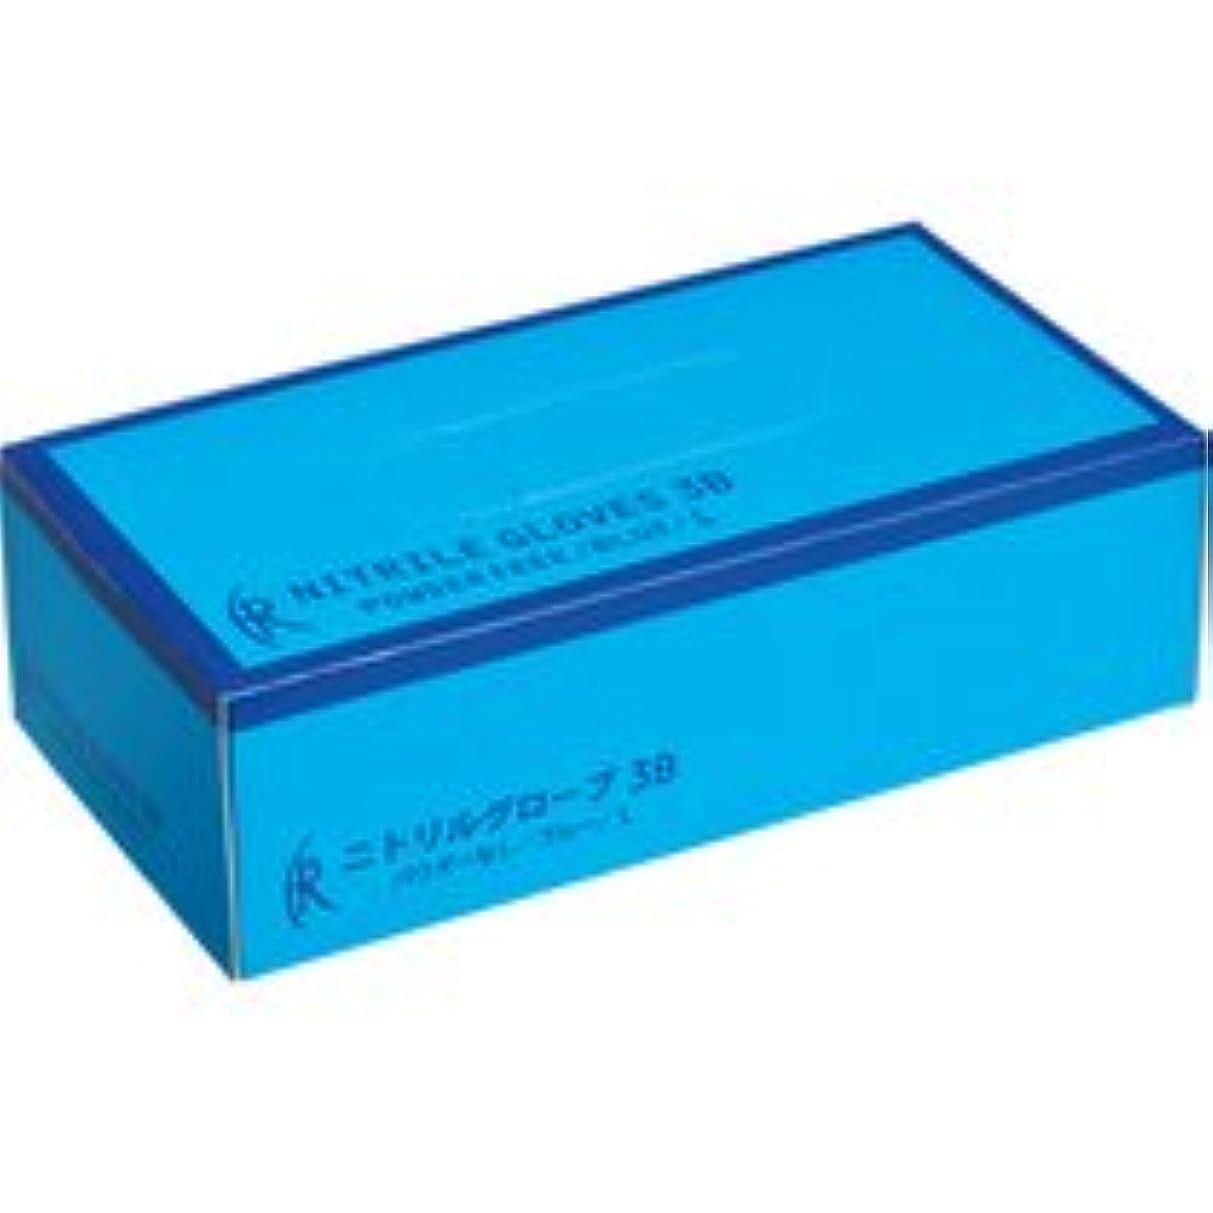 赤面接触バトルファーストレイト ニトリルグローブ3B パウダーフリー L FR-5663 1箱(200枚)